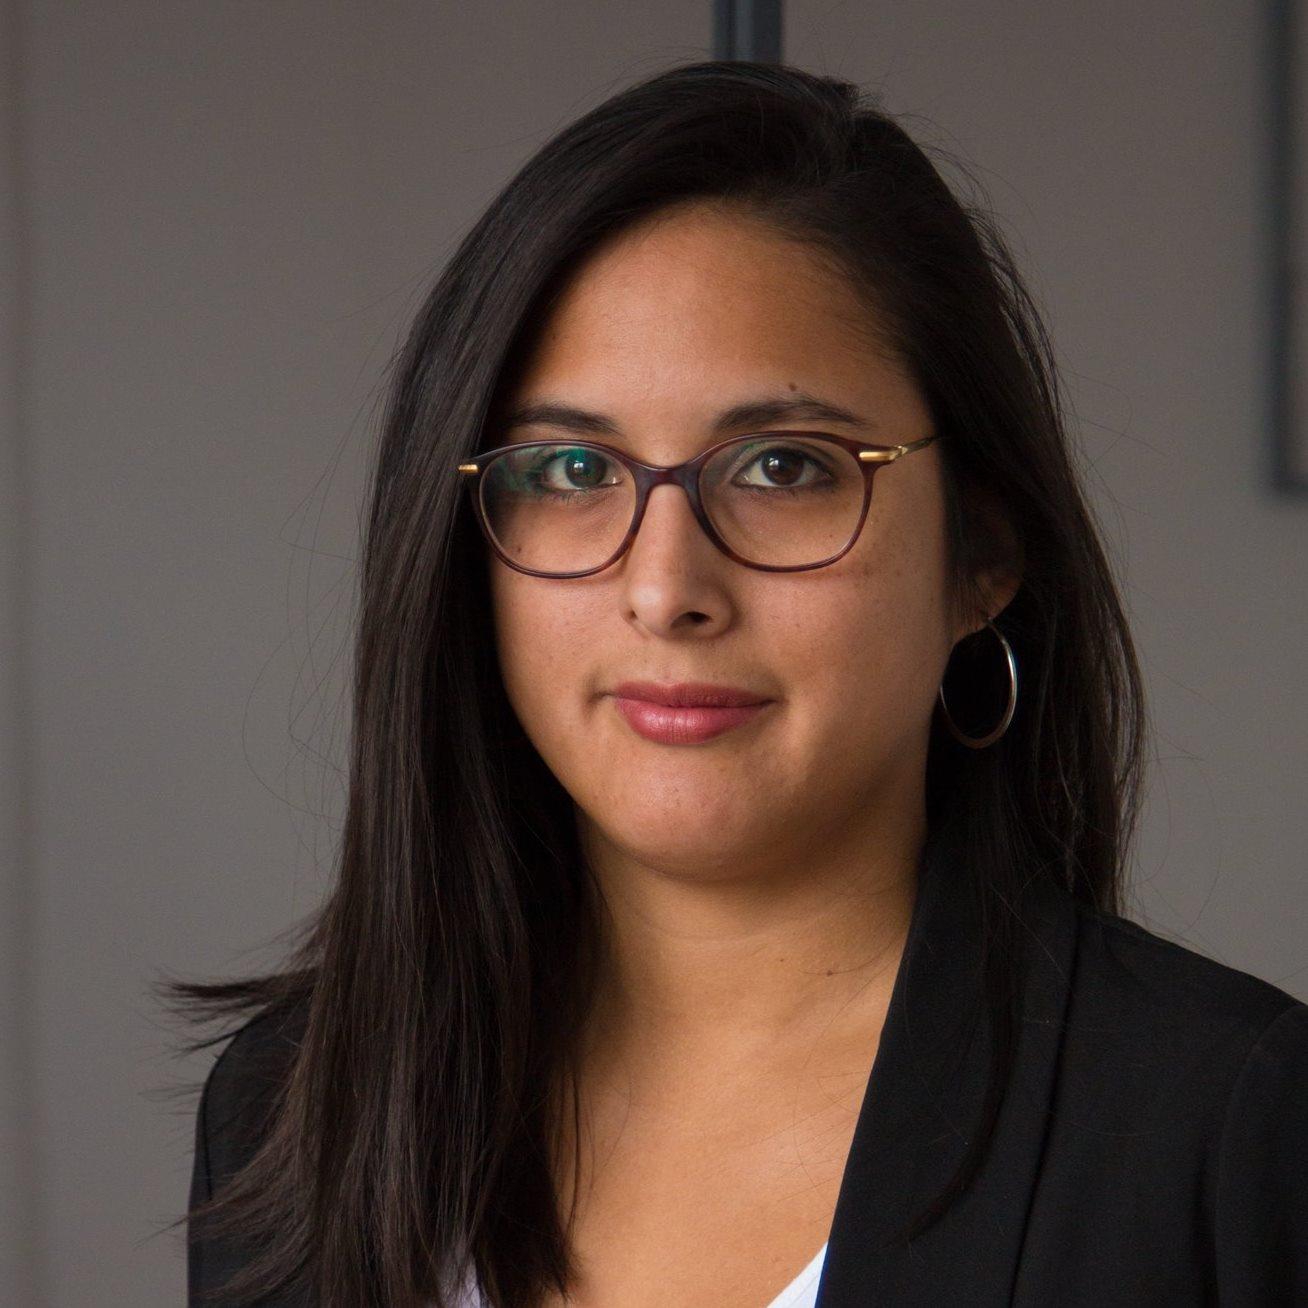 Alejandra Zaga Mendez